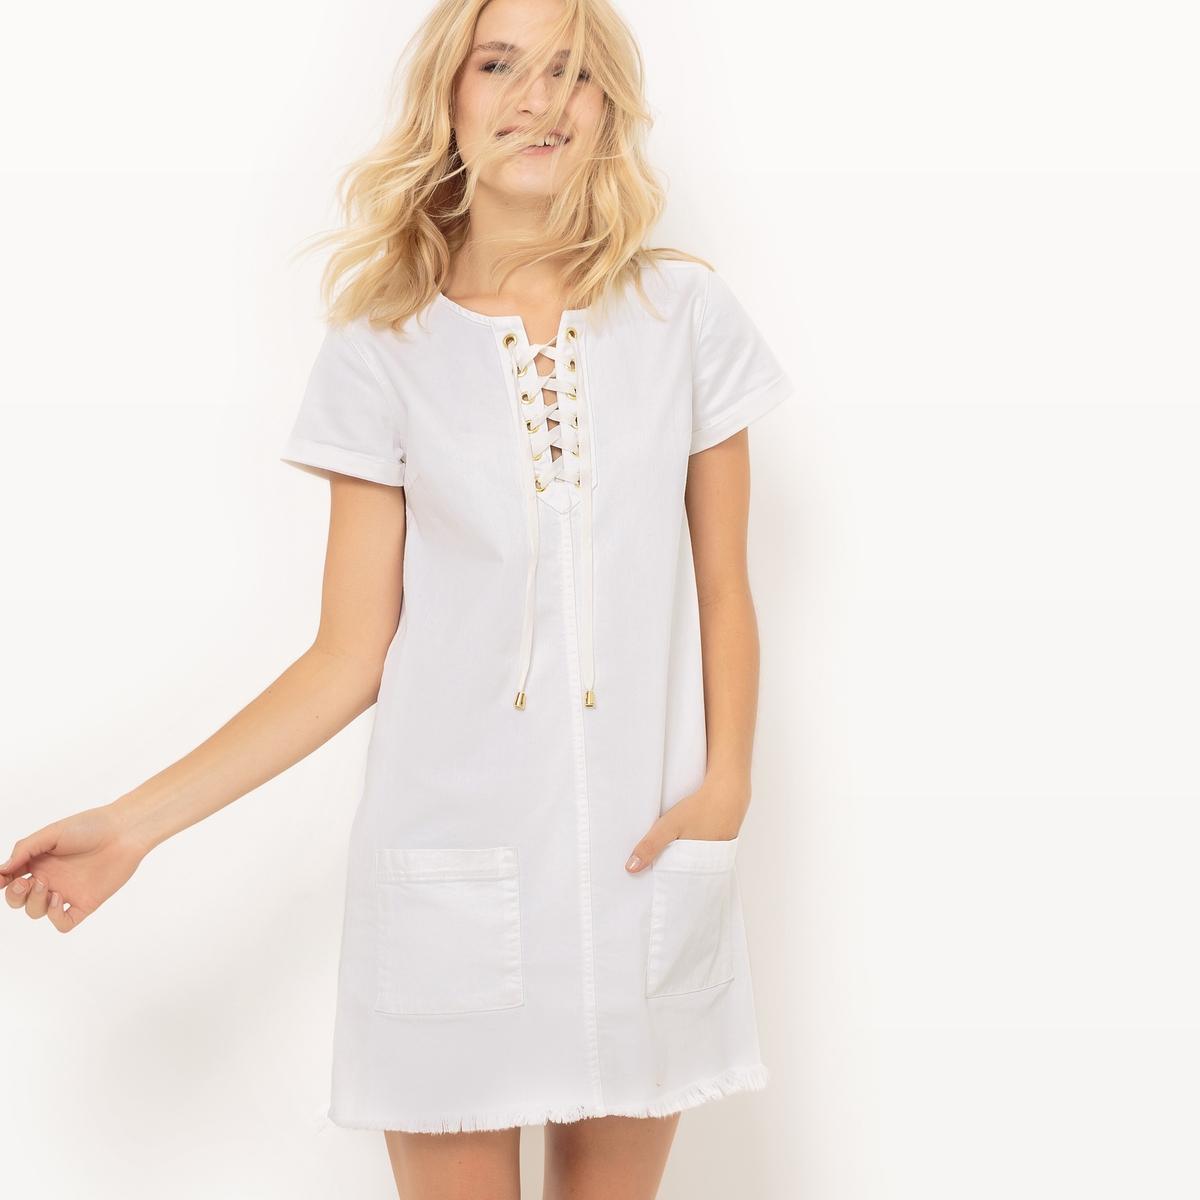 Платье с короткими рукавами, вырез на шнуровкеДетали  •  Форма : прямая  • короткое  •  Короткие рукава    •   V-образный вырез  Состав и уход  •  98% хлопка, 2% эластана   • Просьба следовать советам по уходу, указанным на этикетке изделия<br><br>Цвет: белый<br>Размер: XS